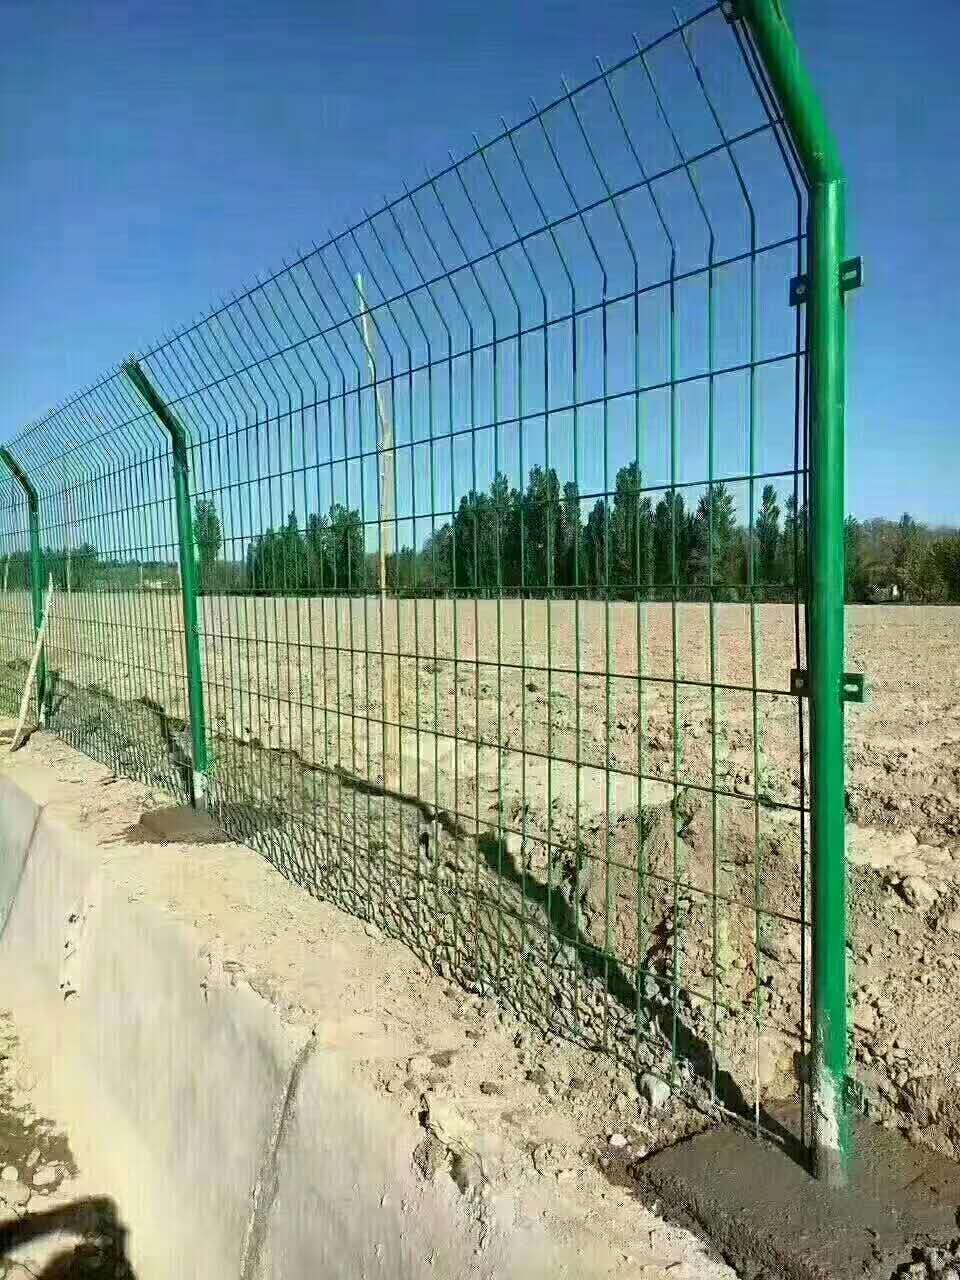 兰州护栏网生产厂家|甘肃丝网护栏批发商|护栏现货供应